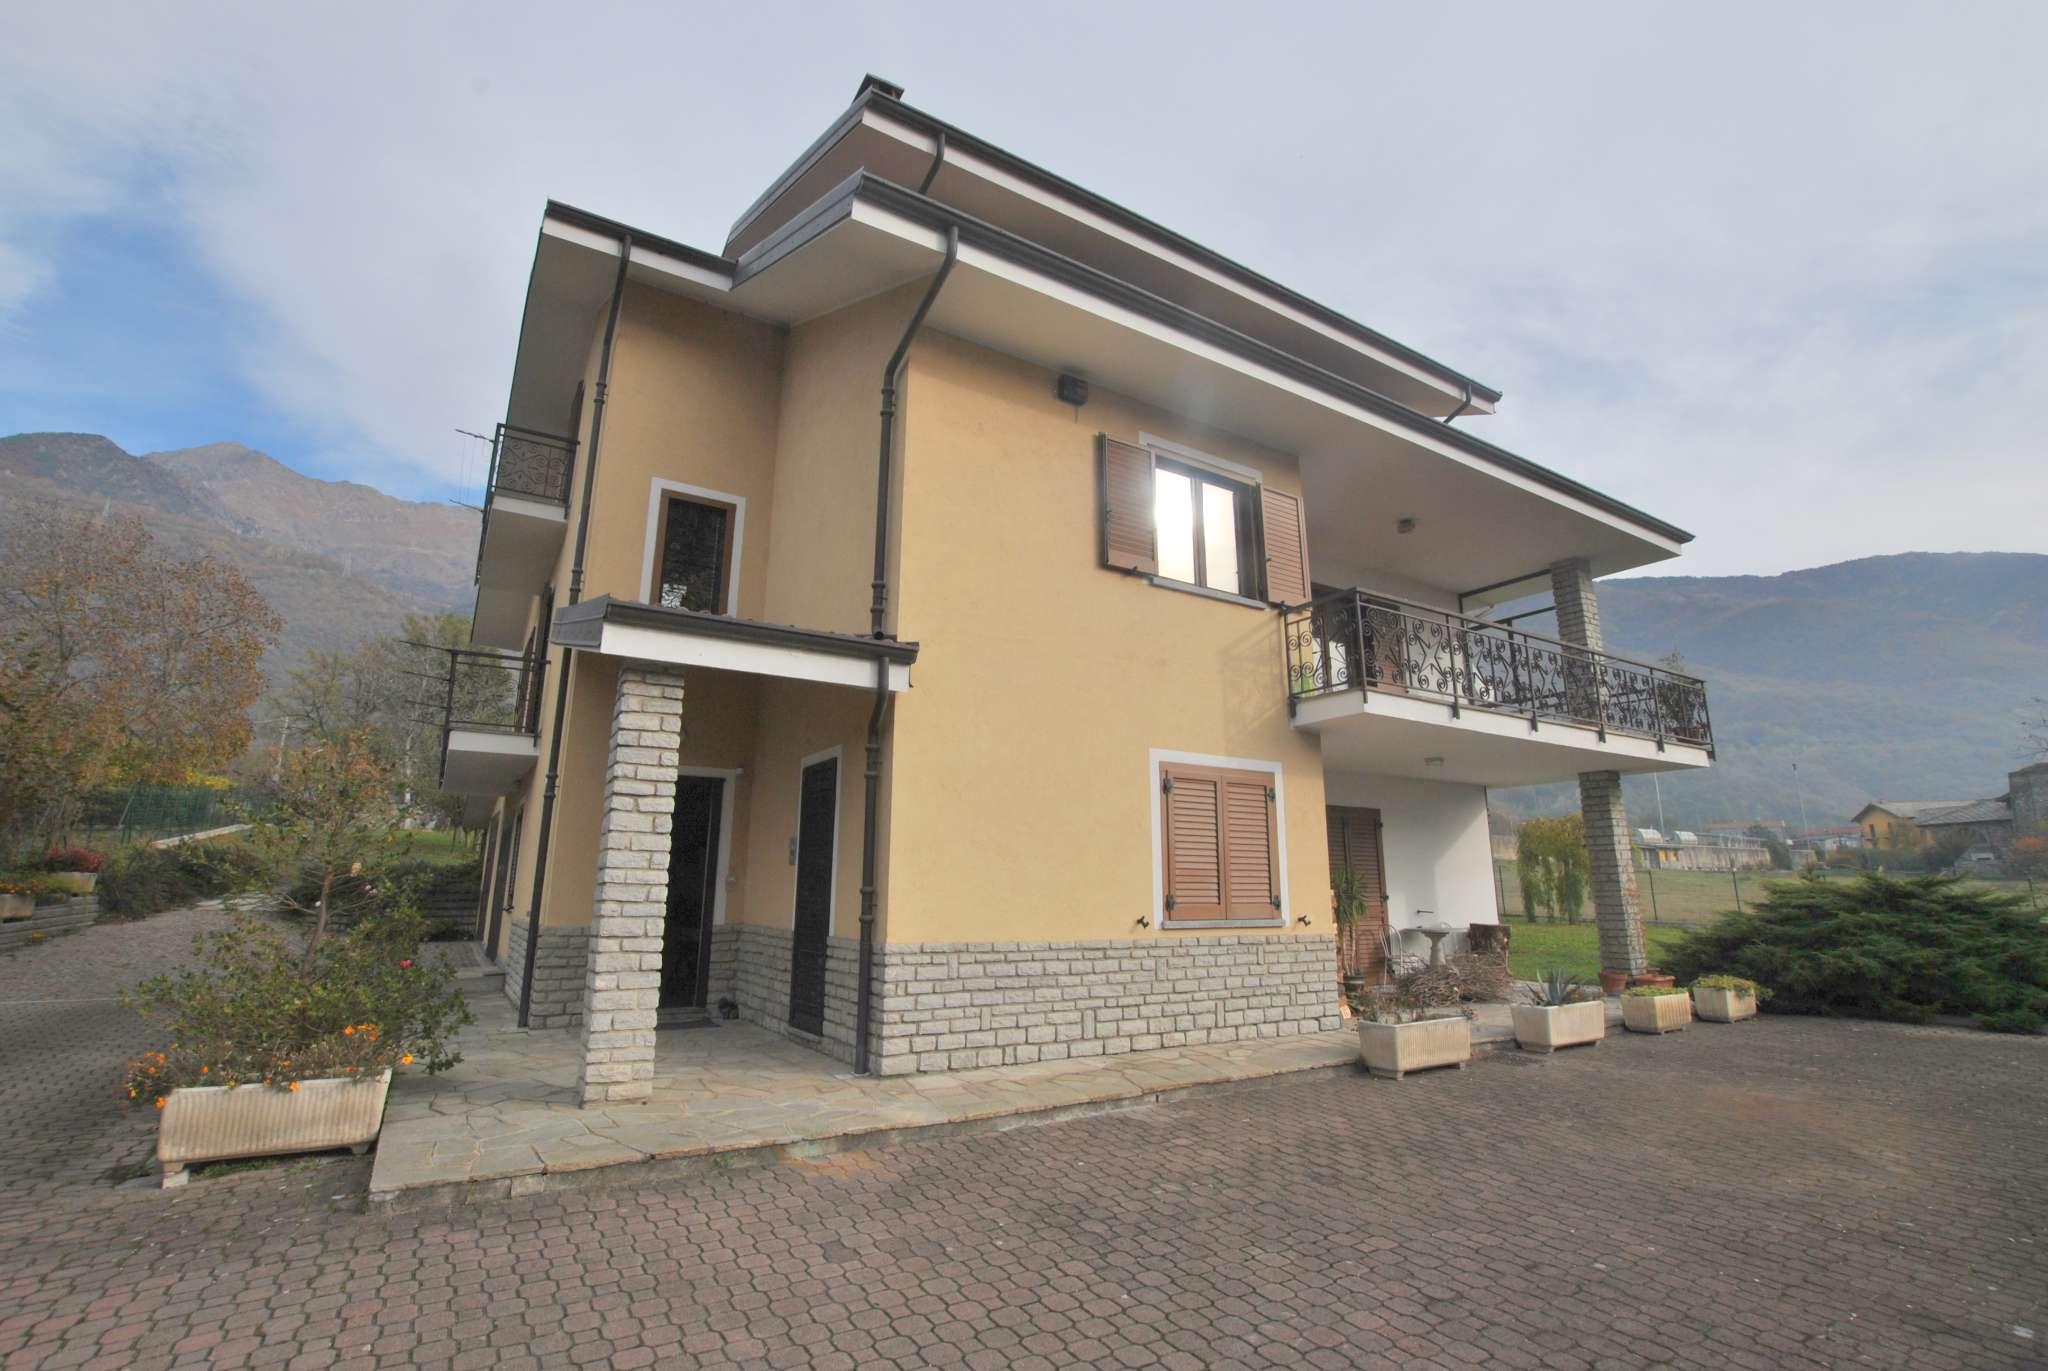 Appartamento in affitto a Bruzolo, 3 locali, prezzo € 450 | PortaleAgenzieImmobiliari.it